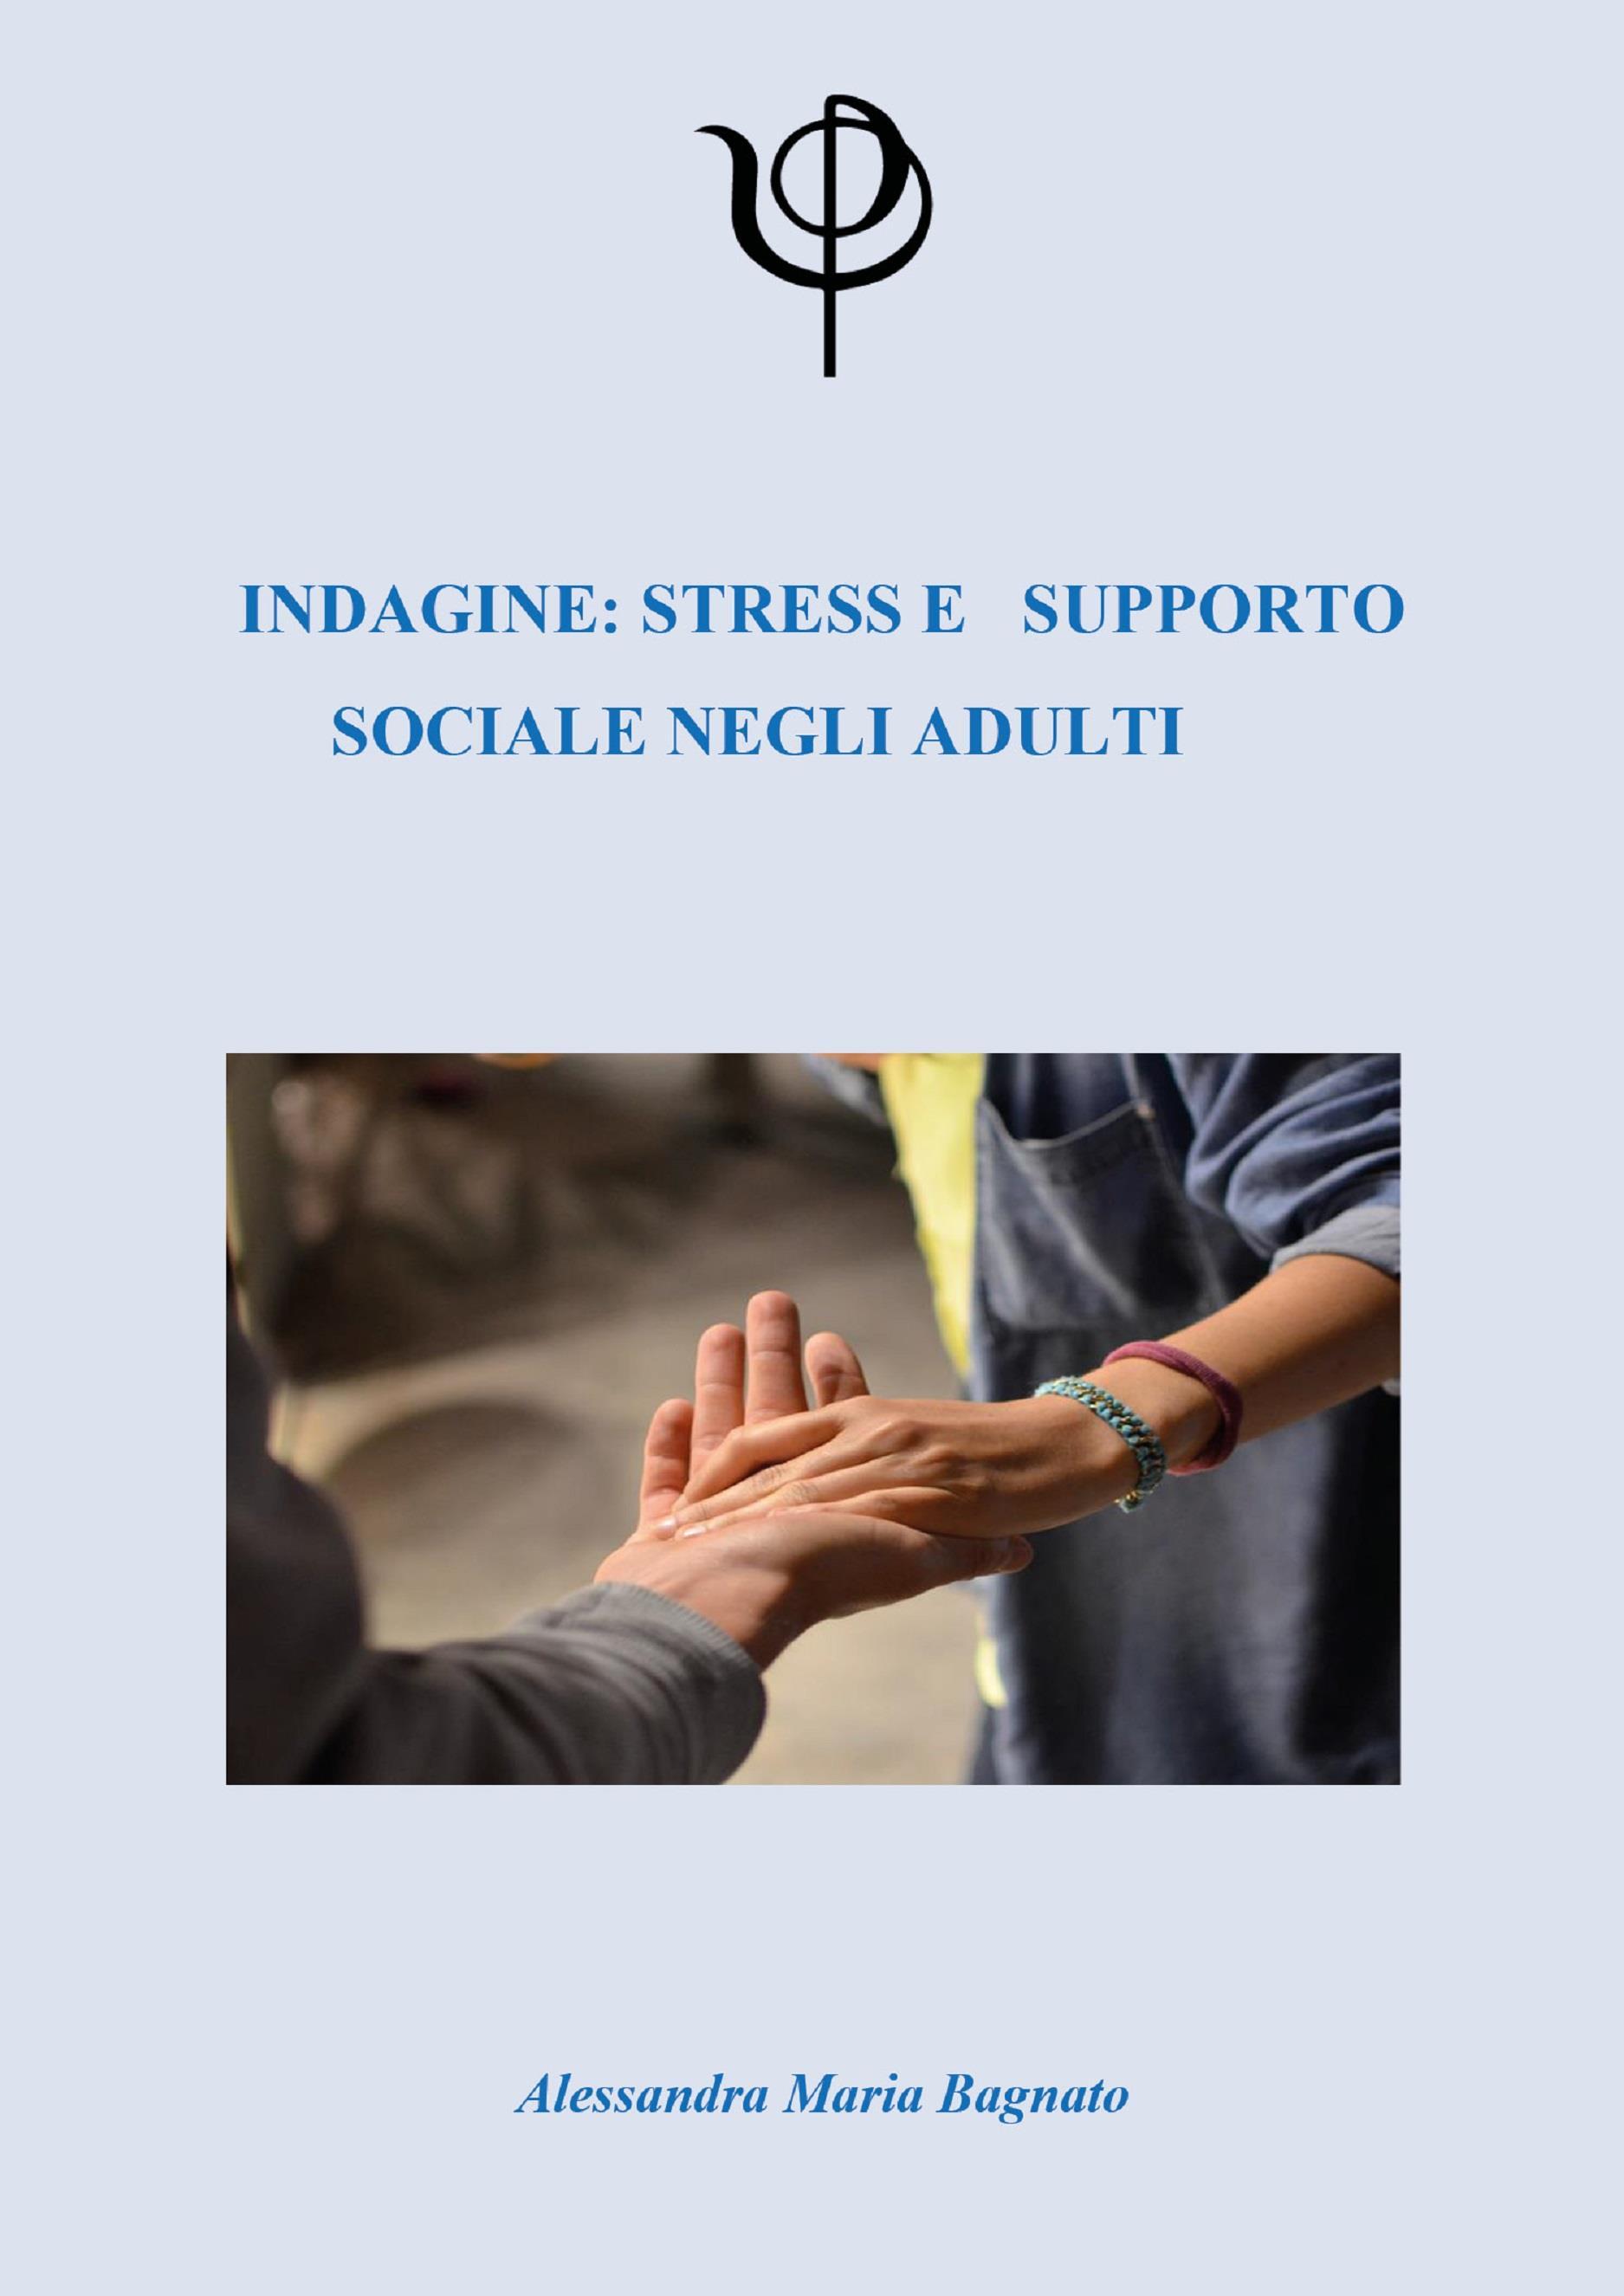 Indagine: Stress e Supporto sociale negli adulti